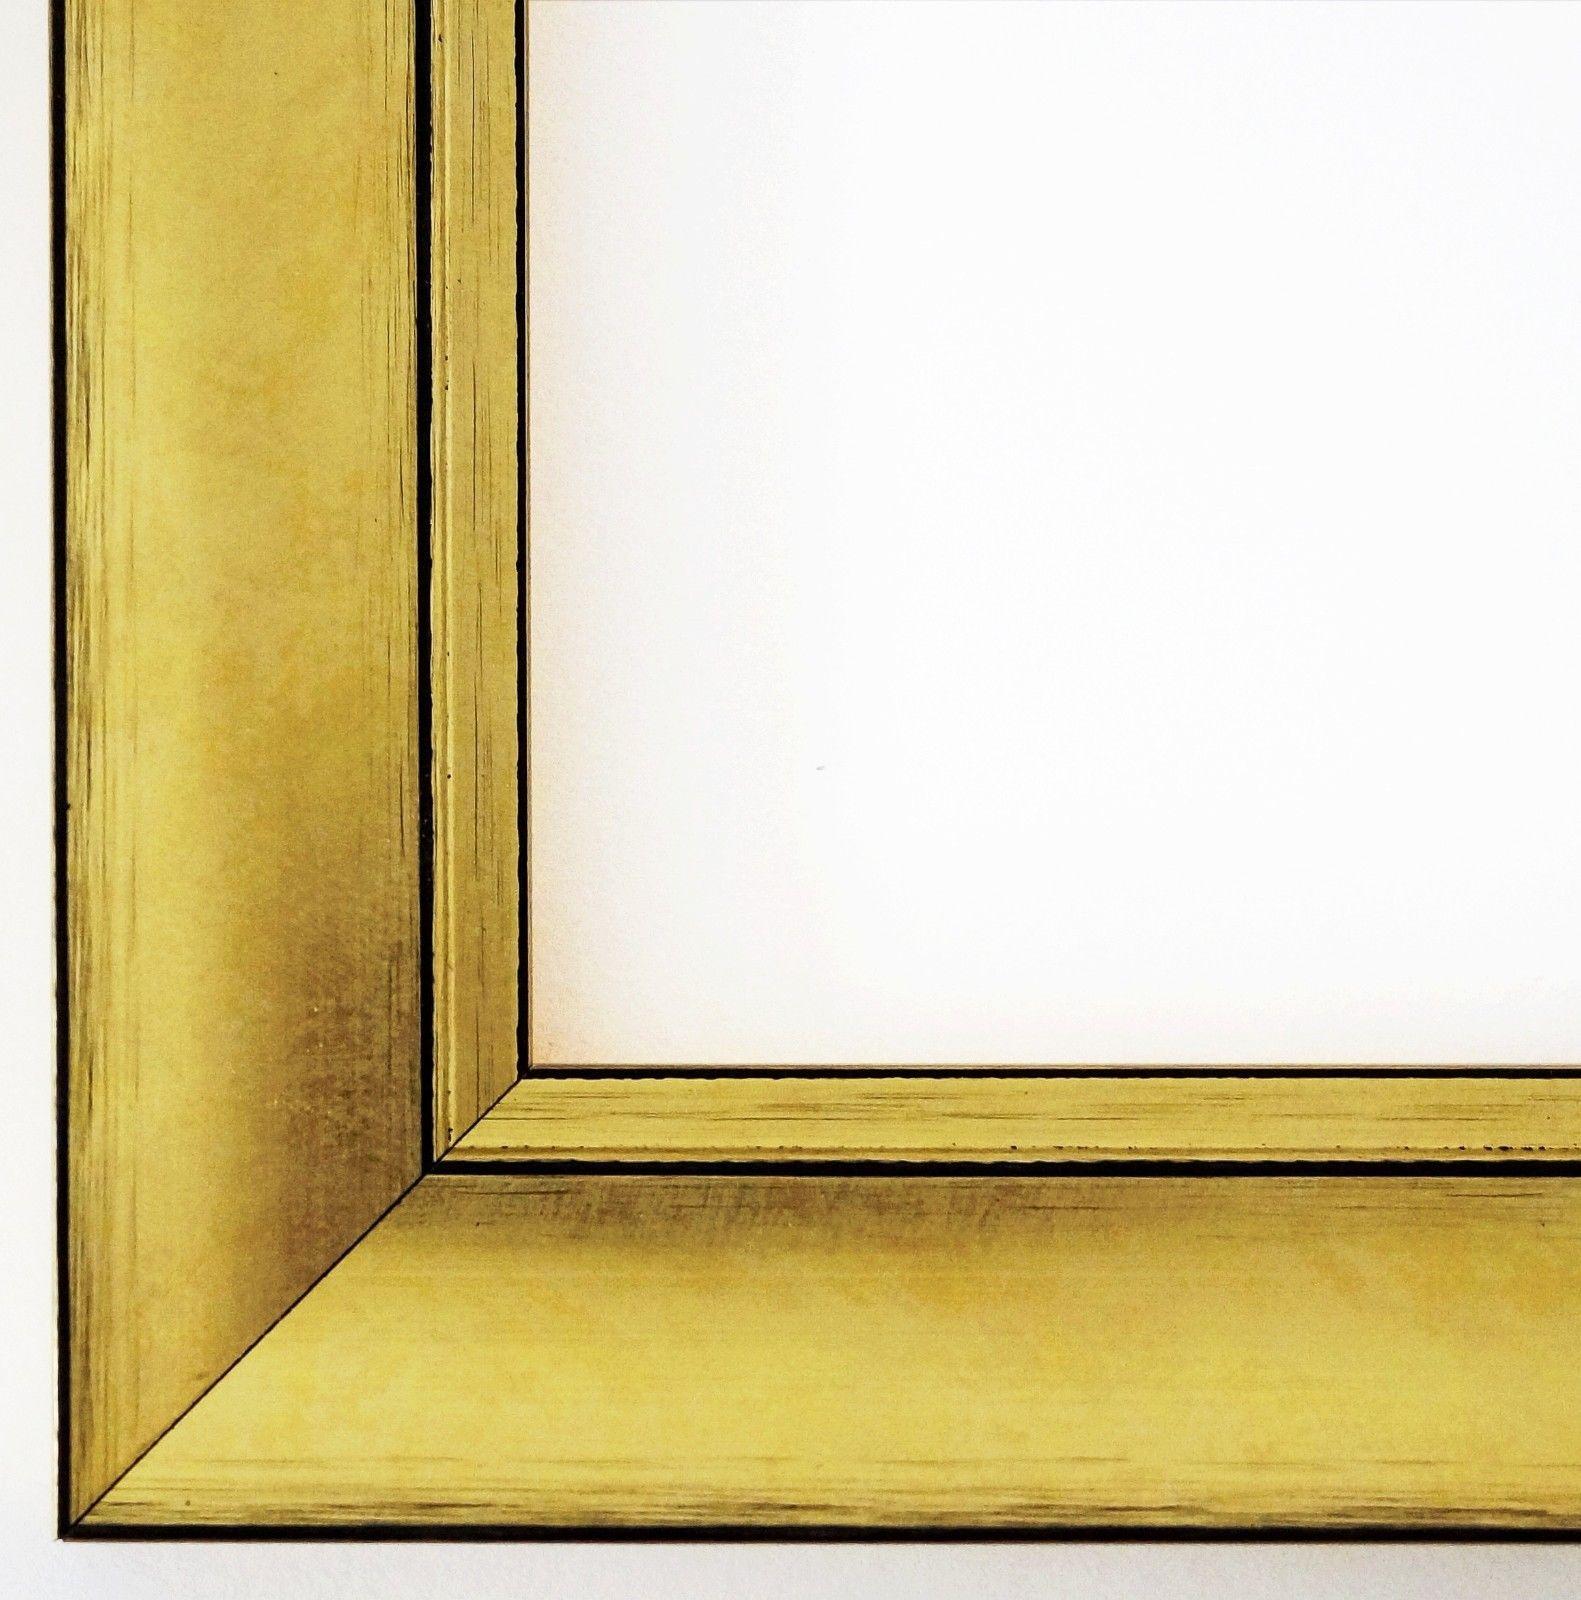 Ausgezeichnet 24 Quadrat Bilderrahmen Galerie - Bilderrahmen Ideen ...